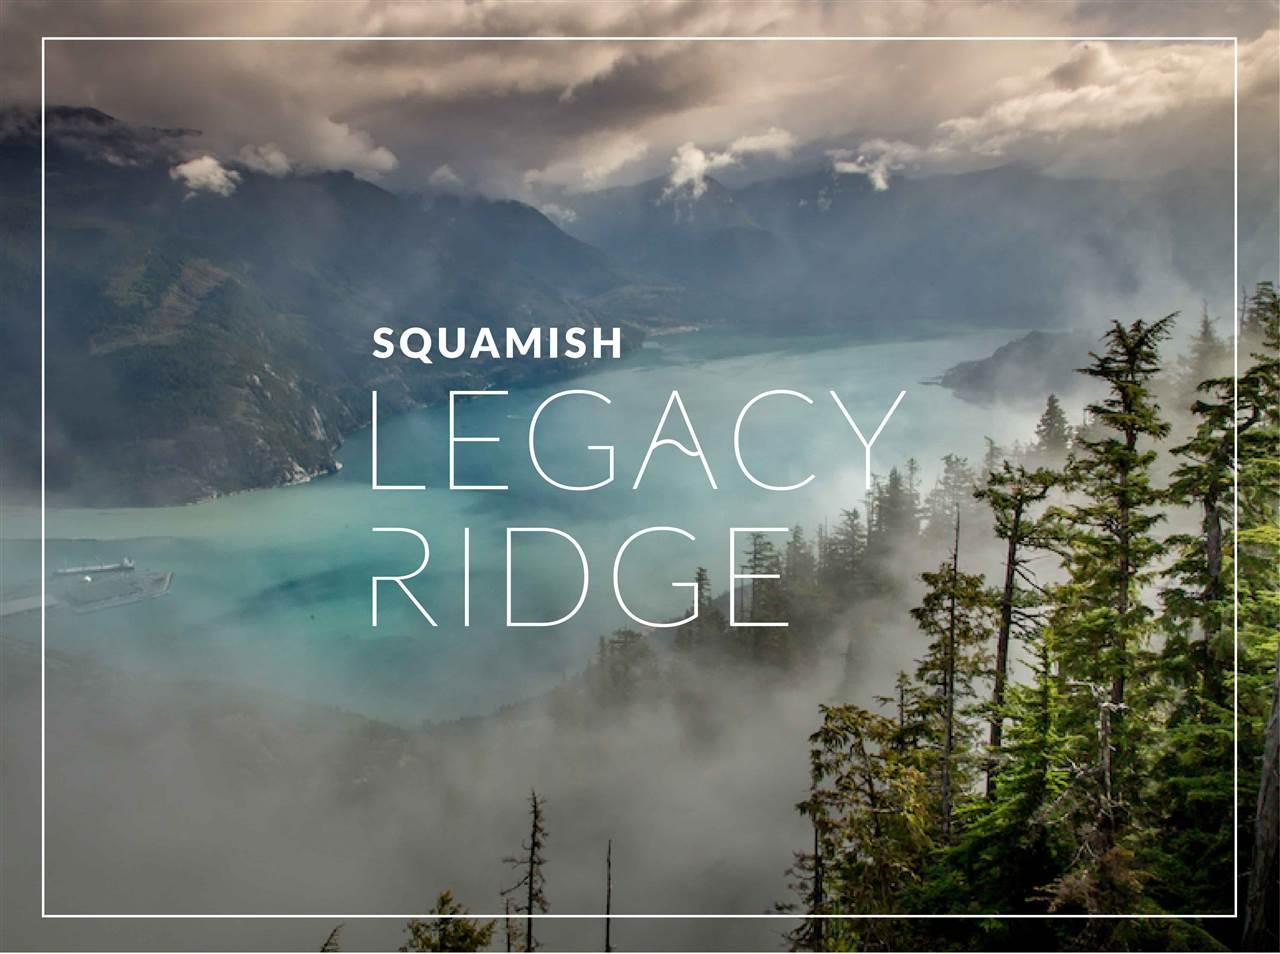 SL9 LEGACY RIDGE, Squamish